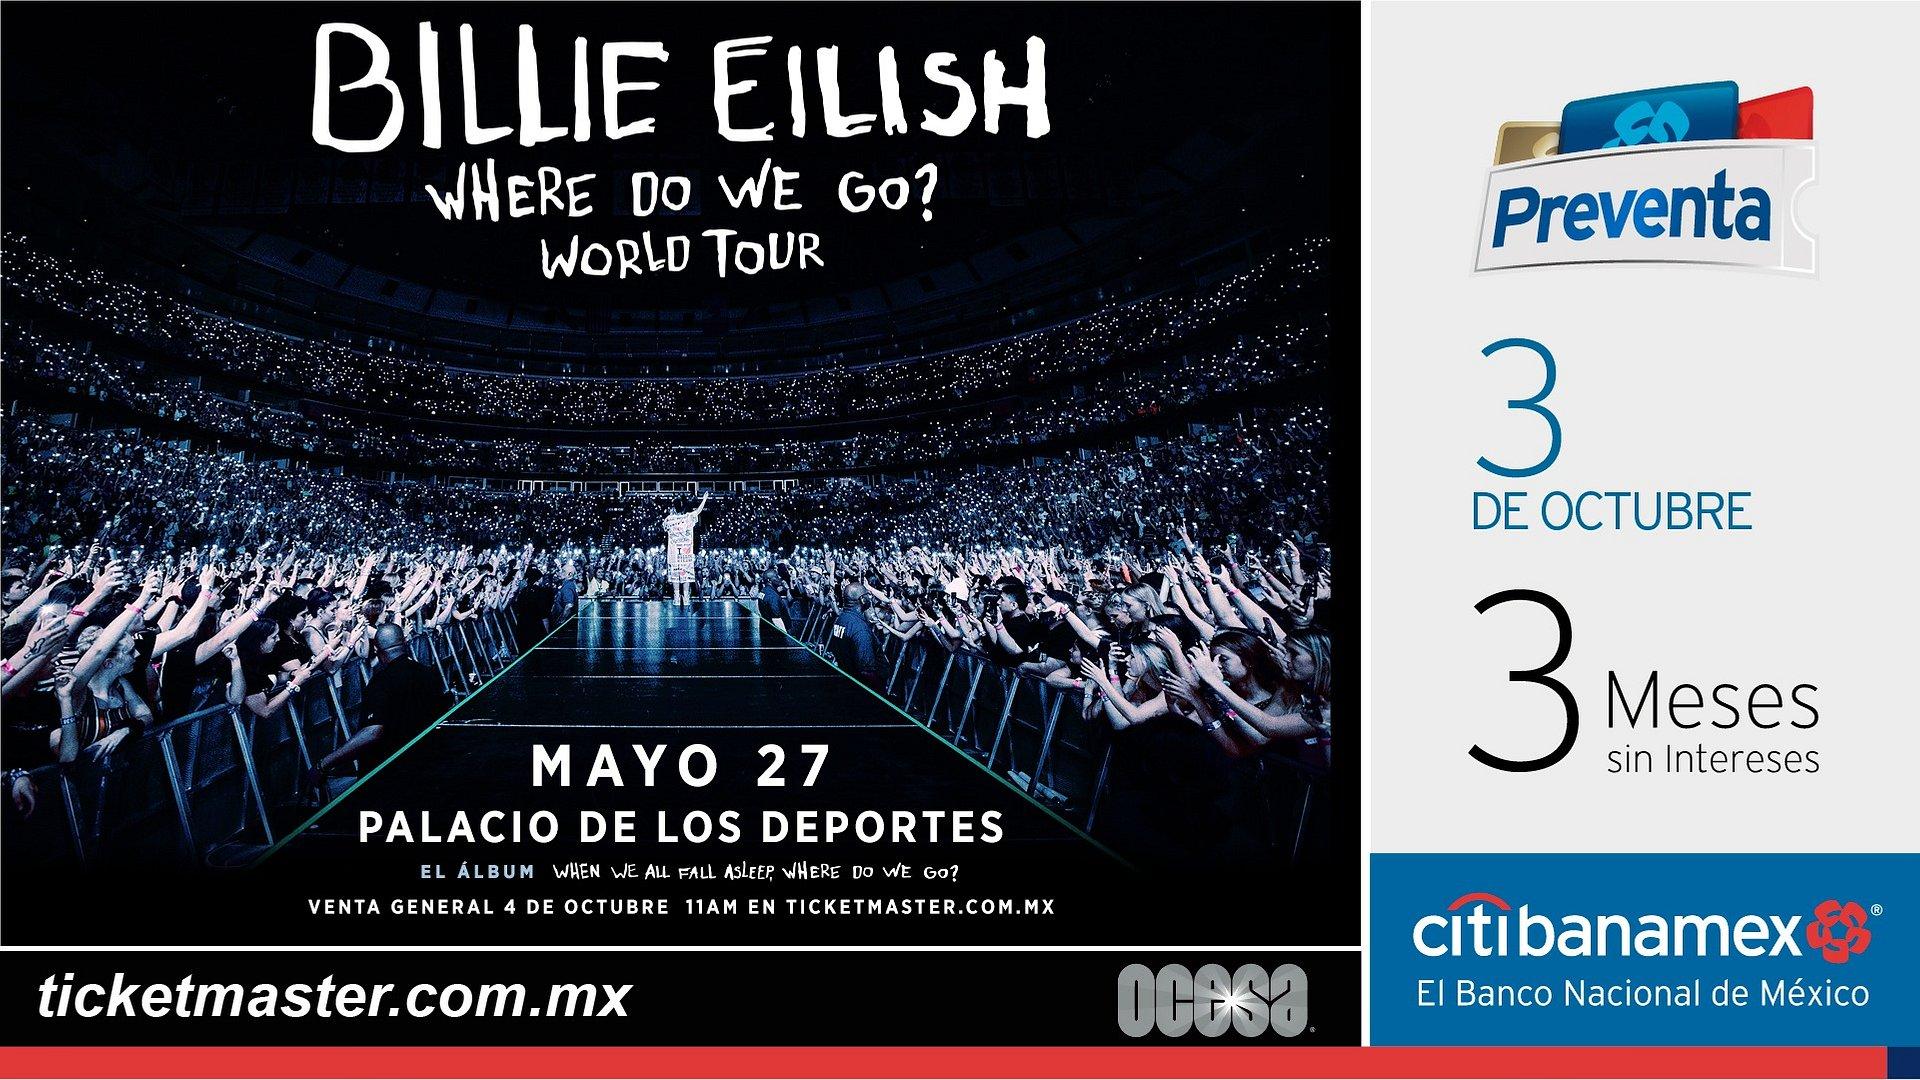 BILLIE EILISH ANUNCIA SU WHERE DO WE GO? WORLD TOUR